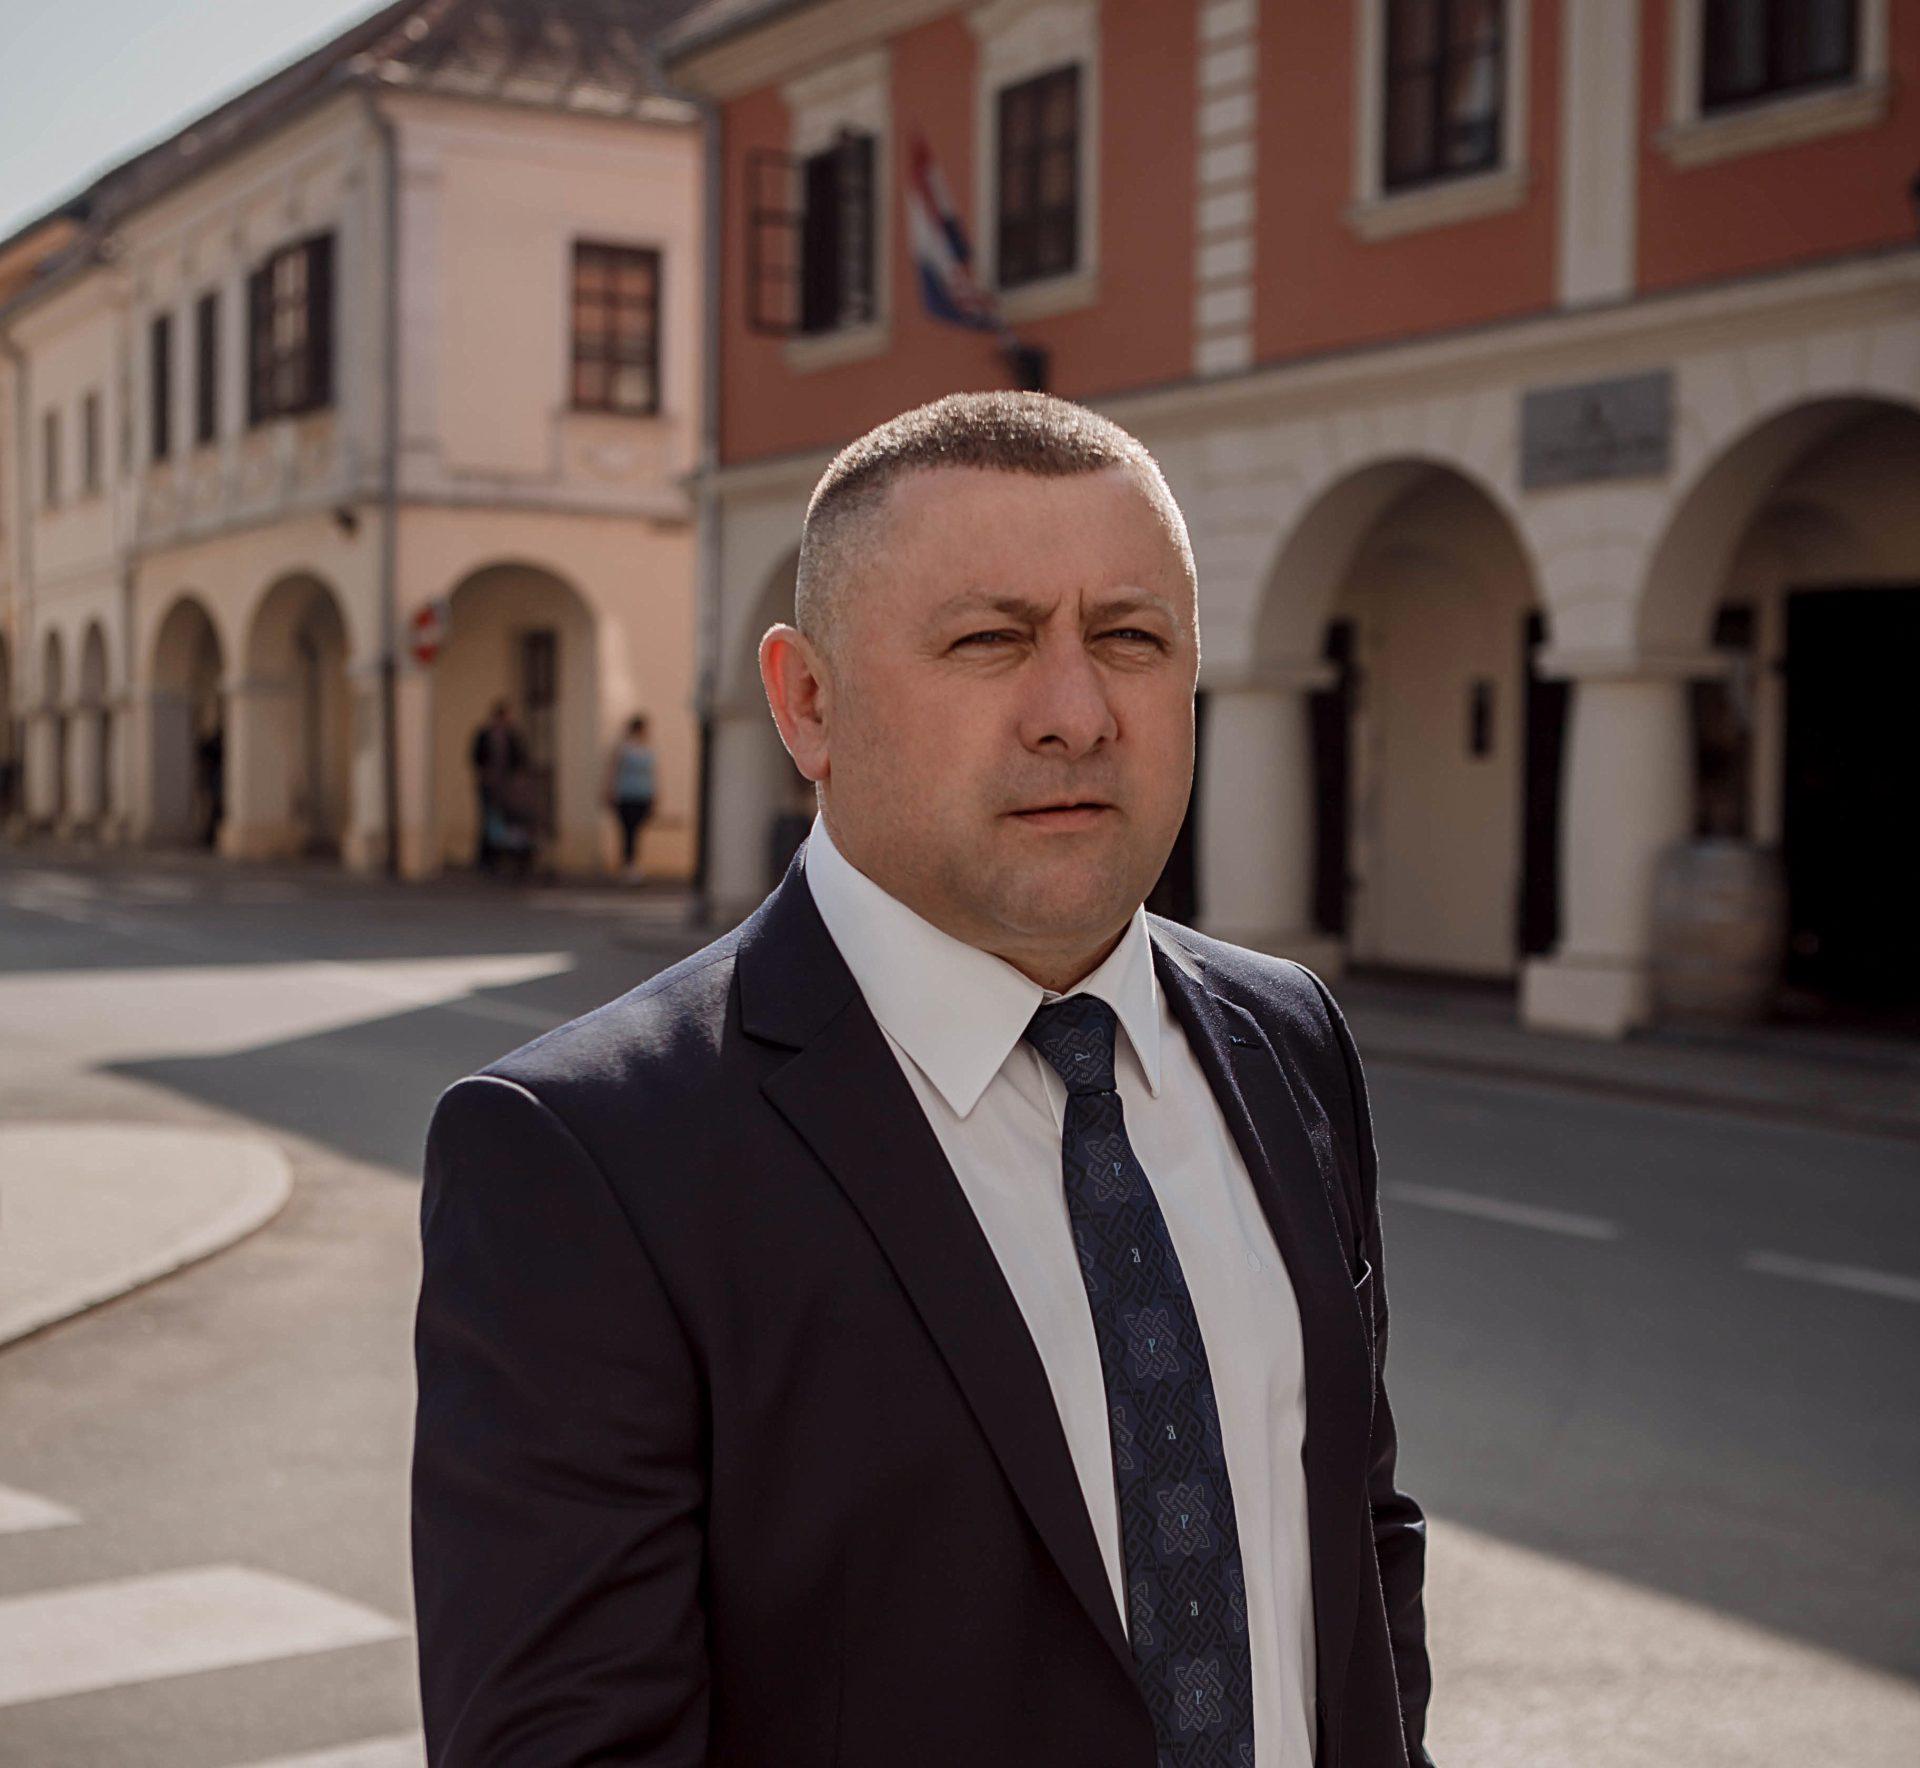 Užas Kandidat HDZ-a pjeva pjesmu Pauk - Page 4 IMG_0309